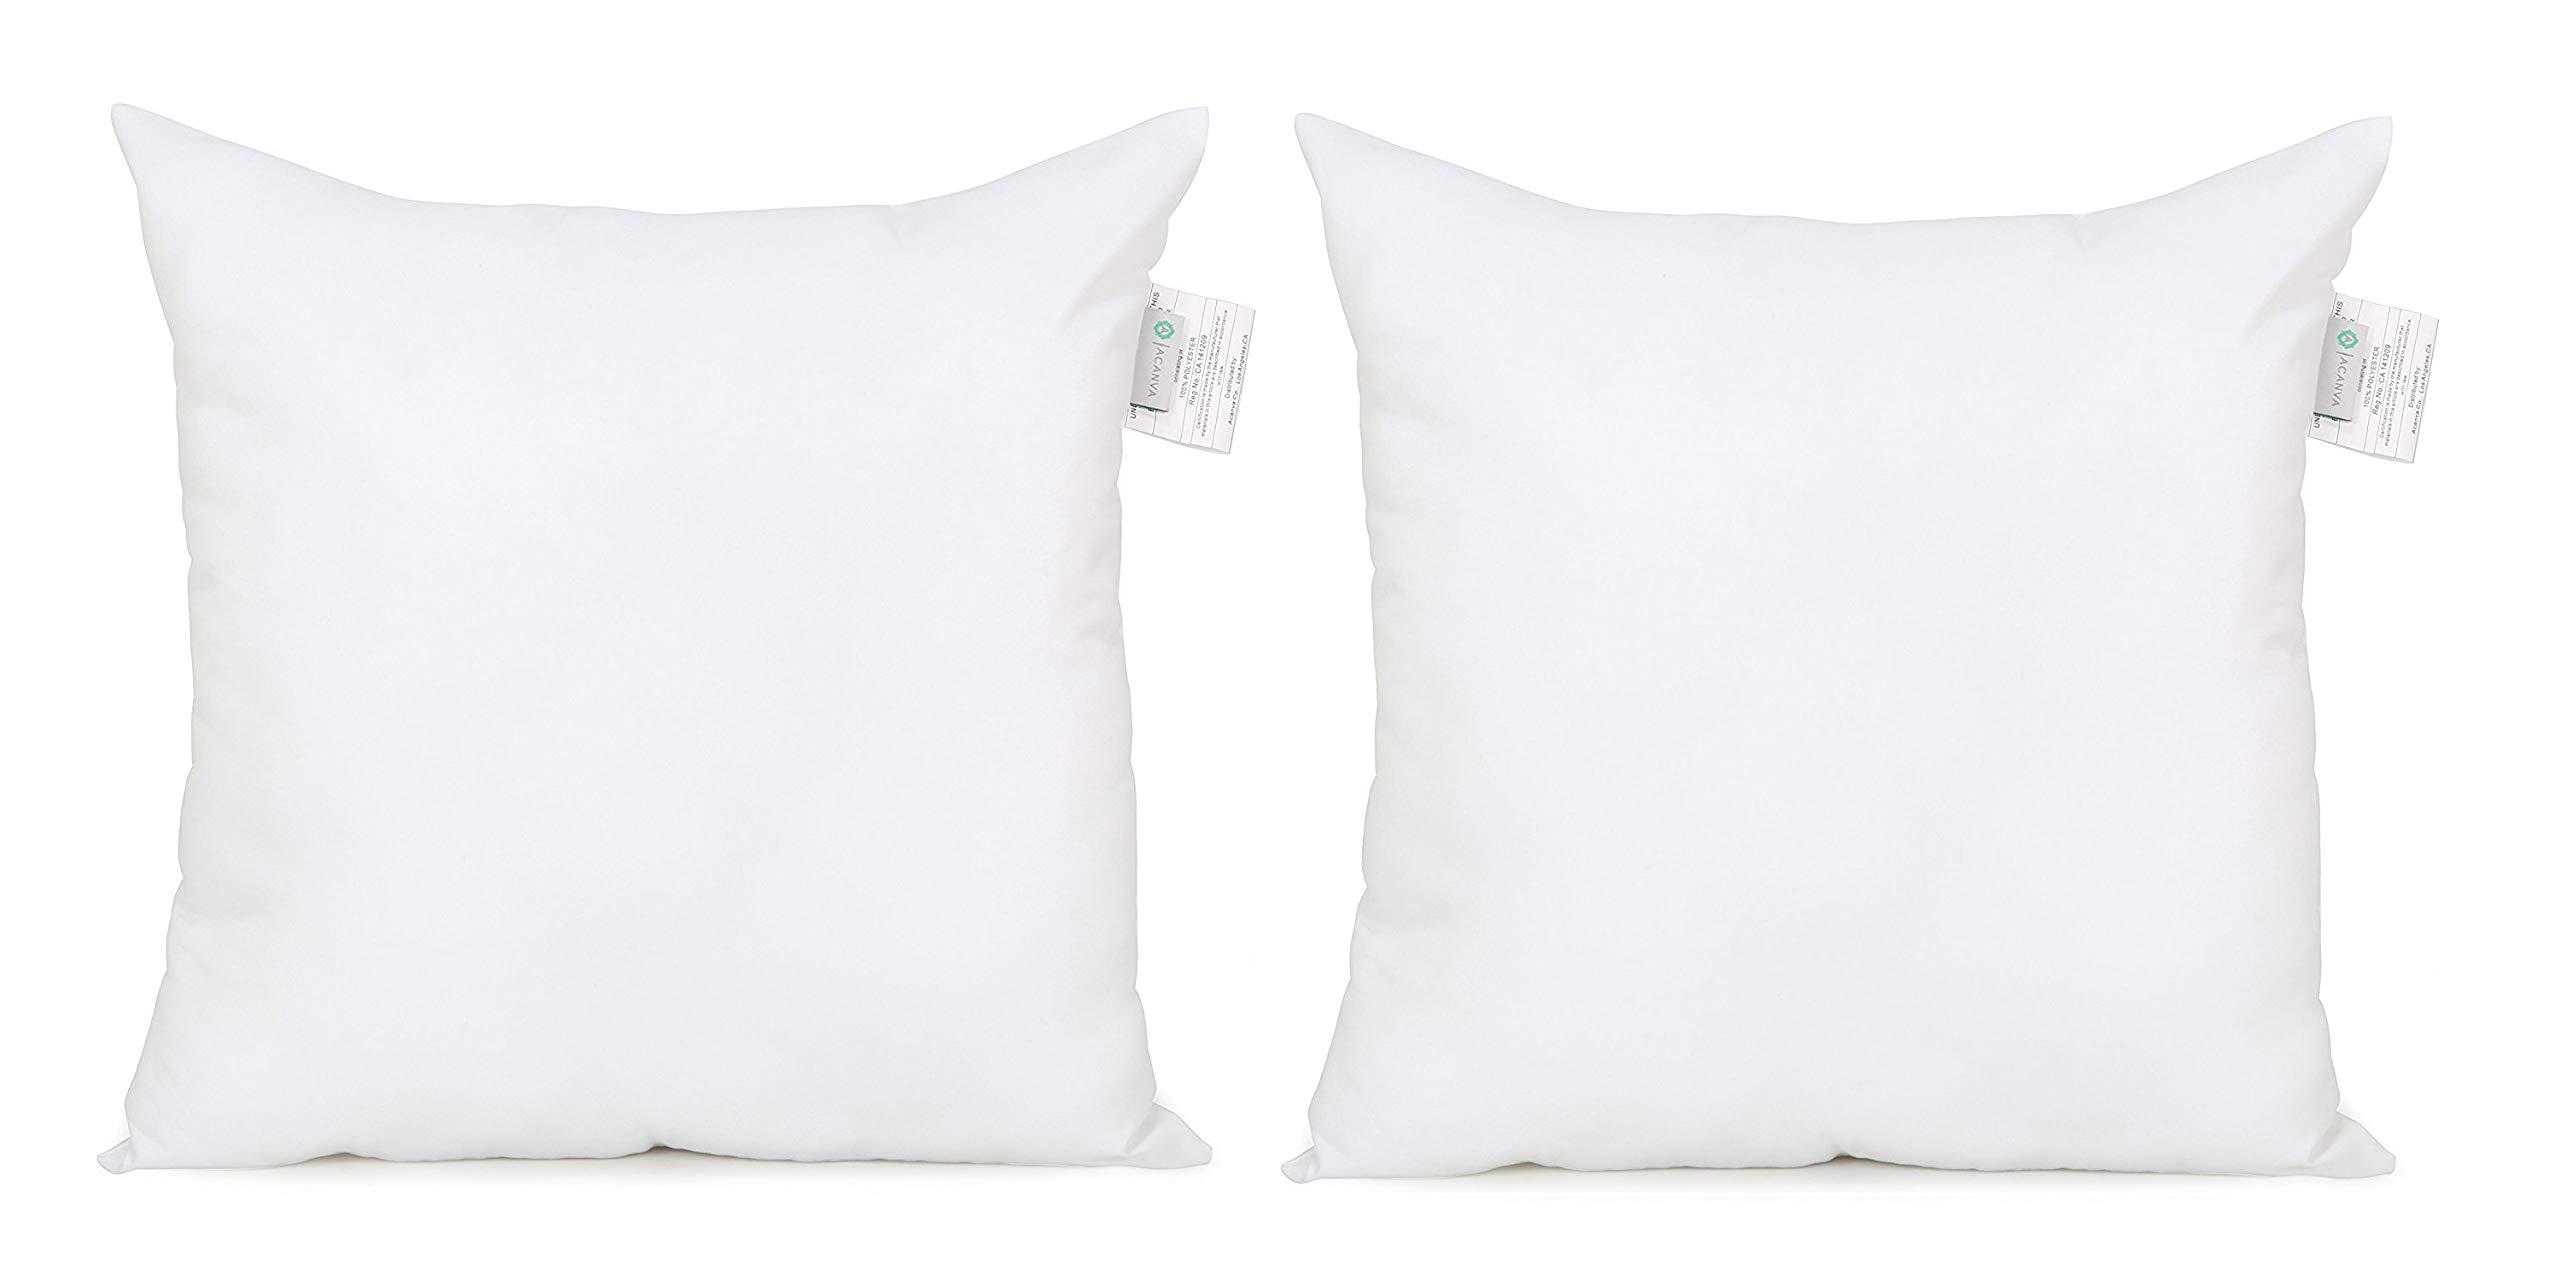 Acanva Soft Down Alternative Pillow Insert, 26 x 26